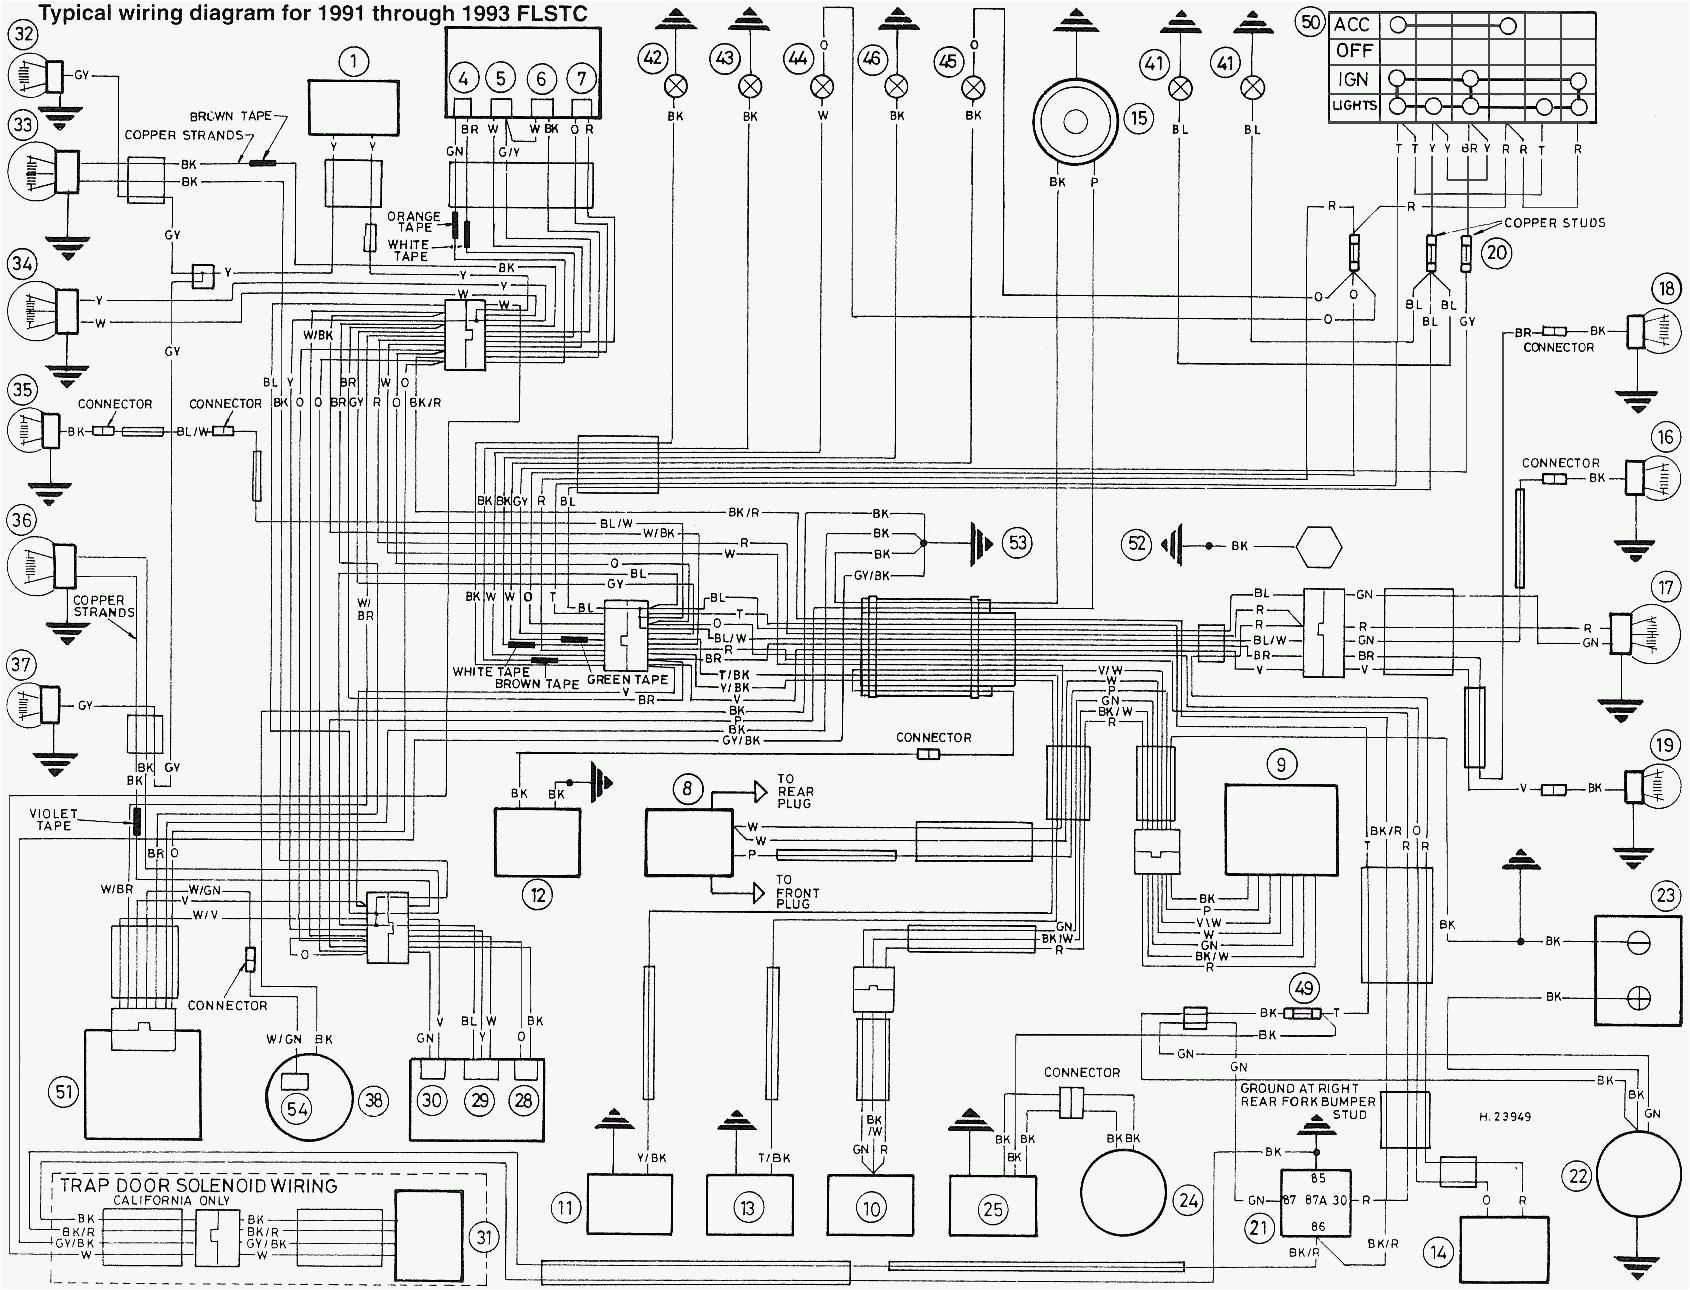 1994 harley davidson wiring diagram wiring diagram option 1994 harley softail wiring diagram 94 harley softail wiring diagram